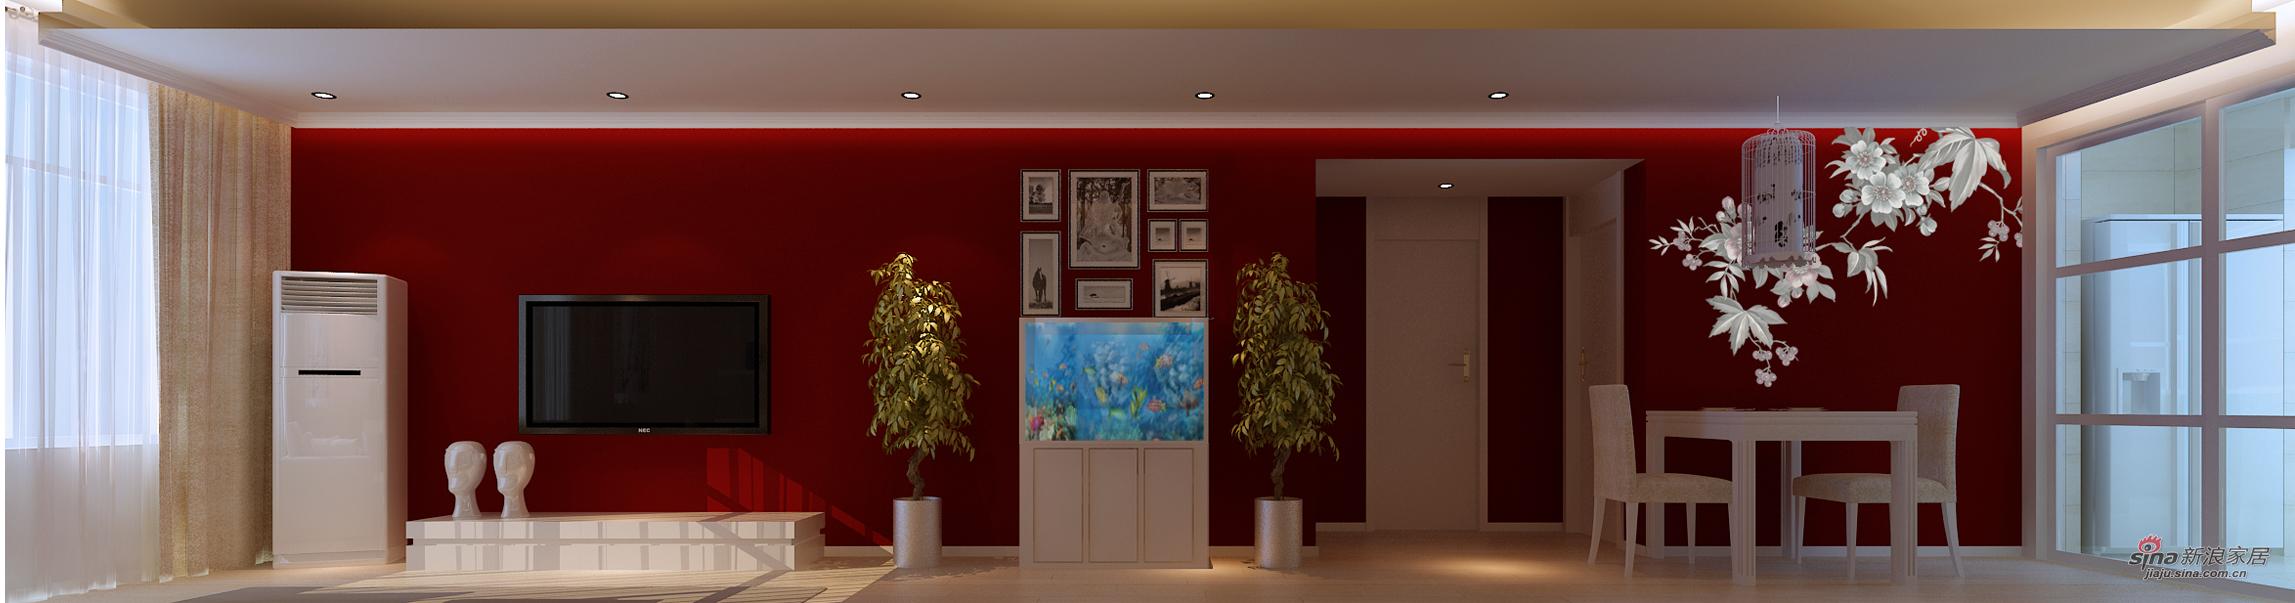 简约 二居 客厅图片来自用户2558728947在设计师的家60的分享